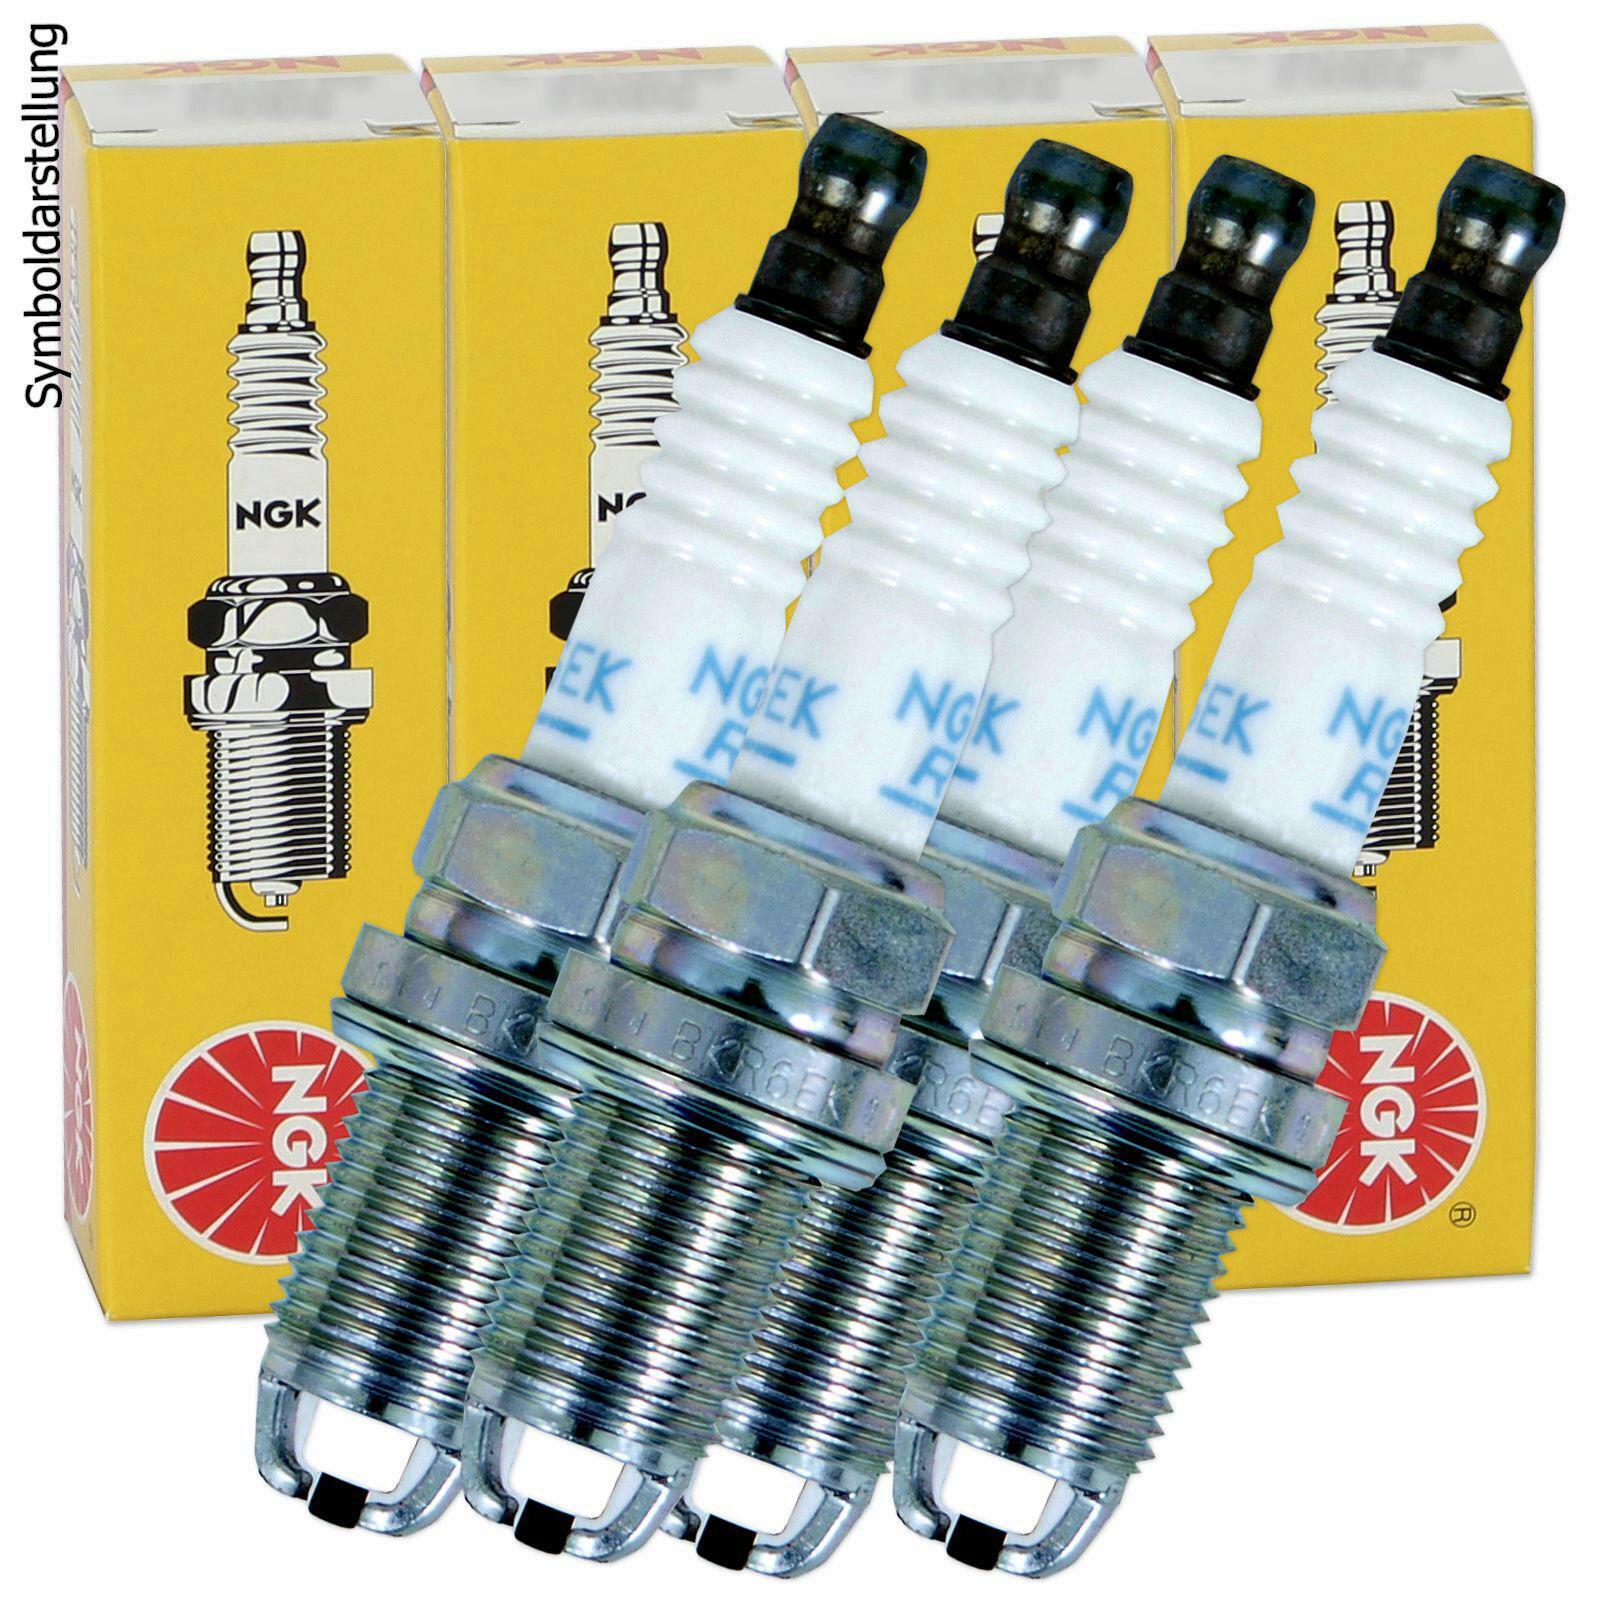 4x NGK Spark Plug V-Line 23